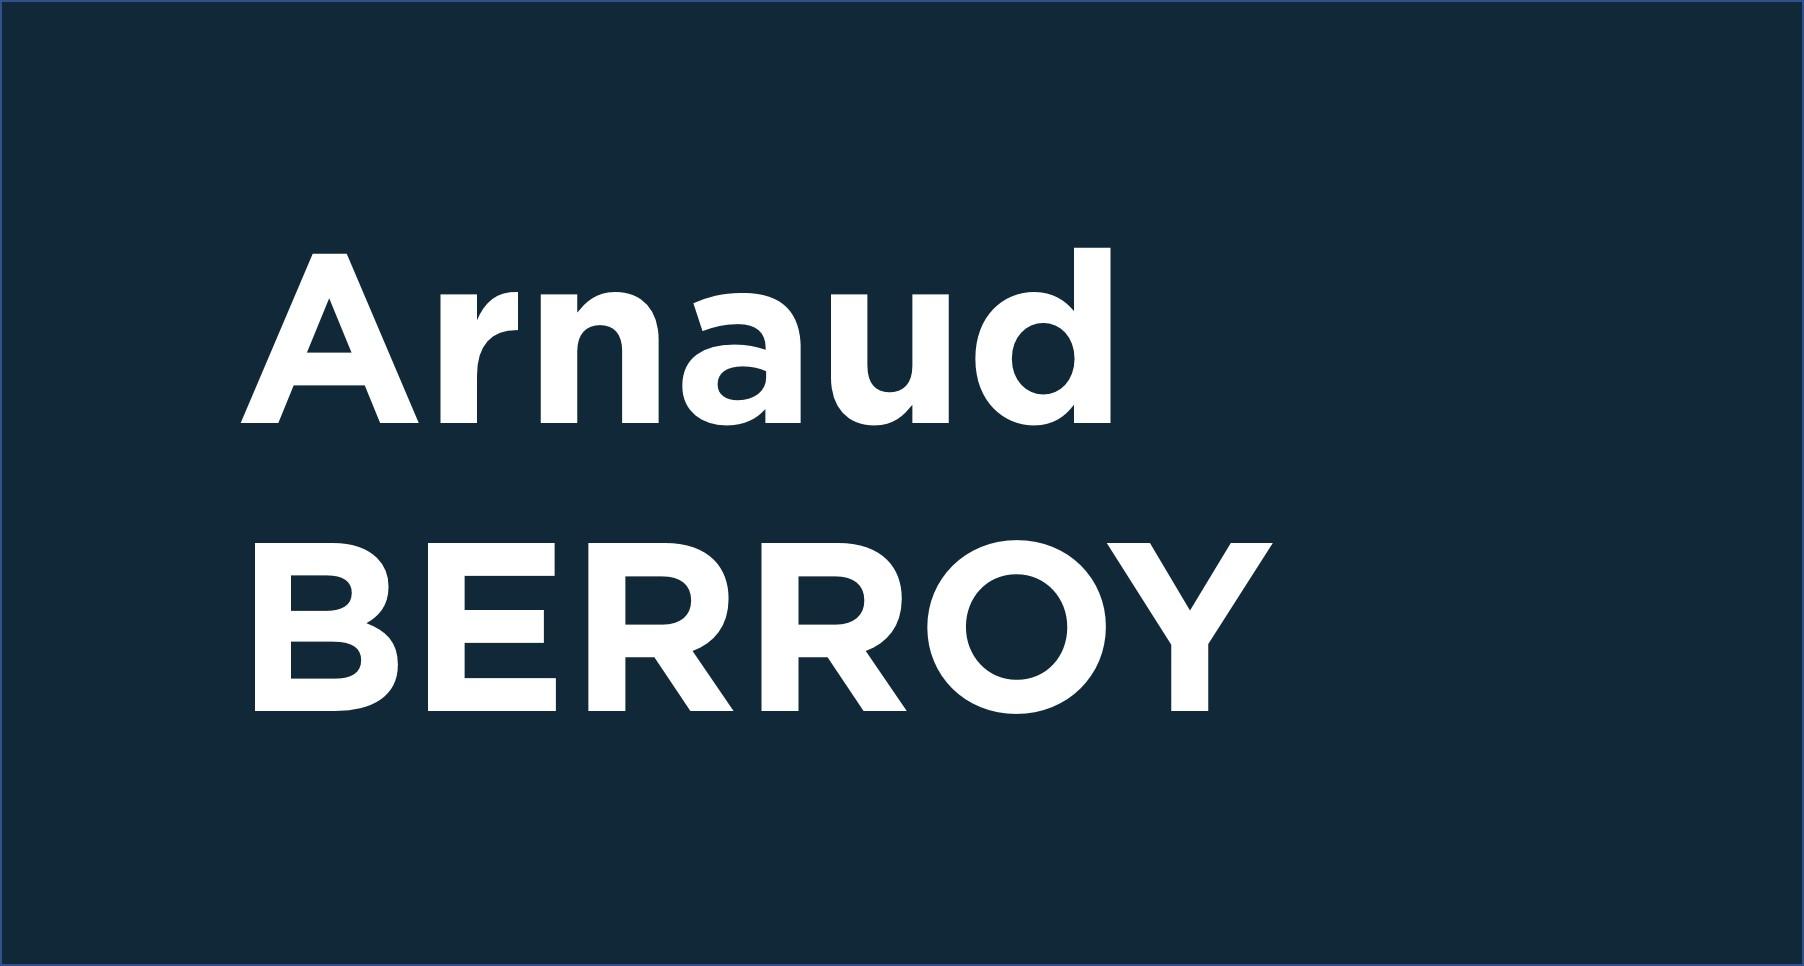 Arnaud Berroy